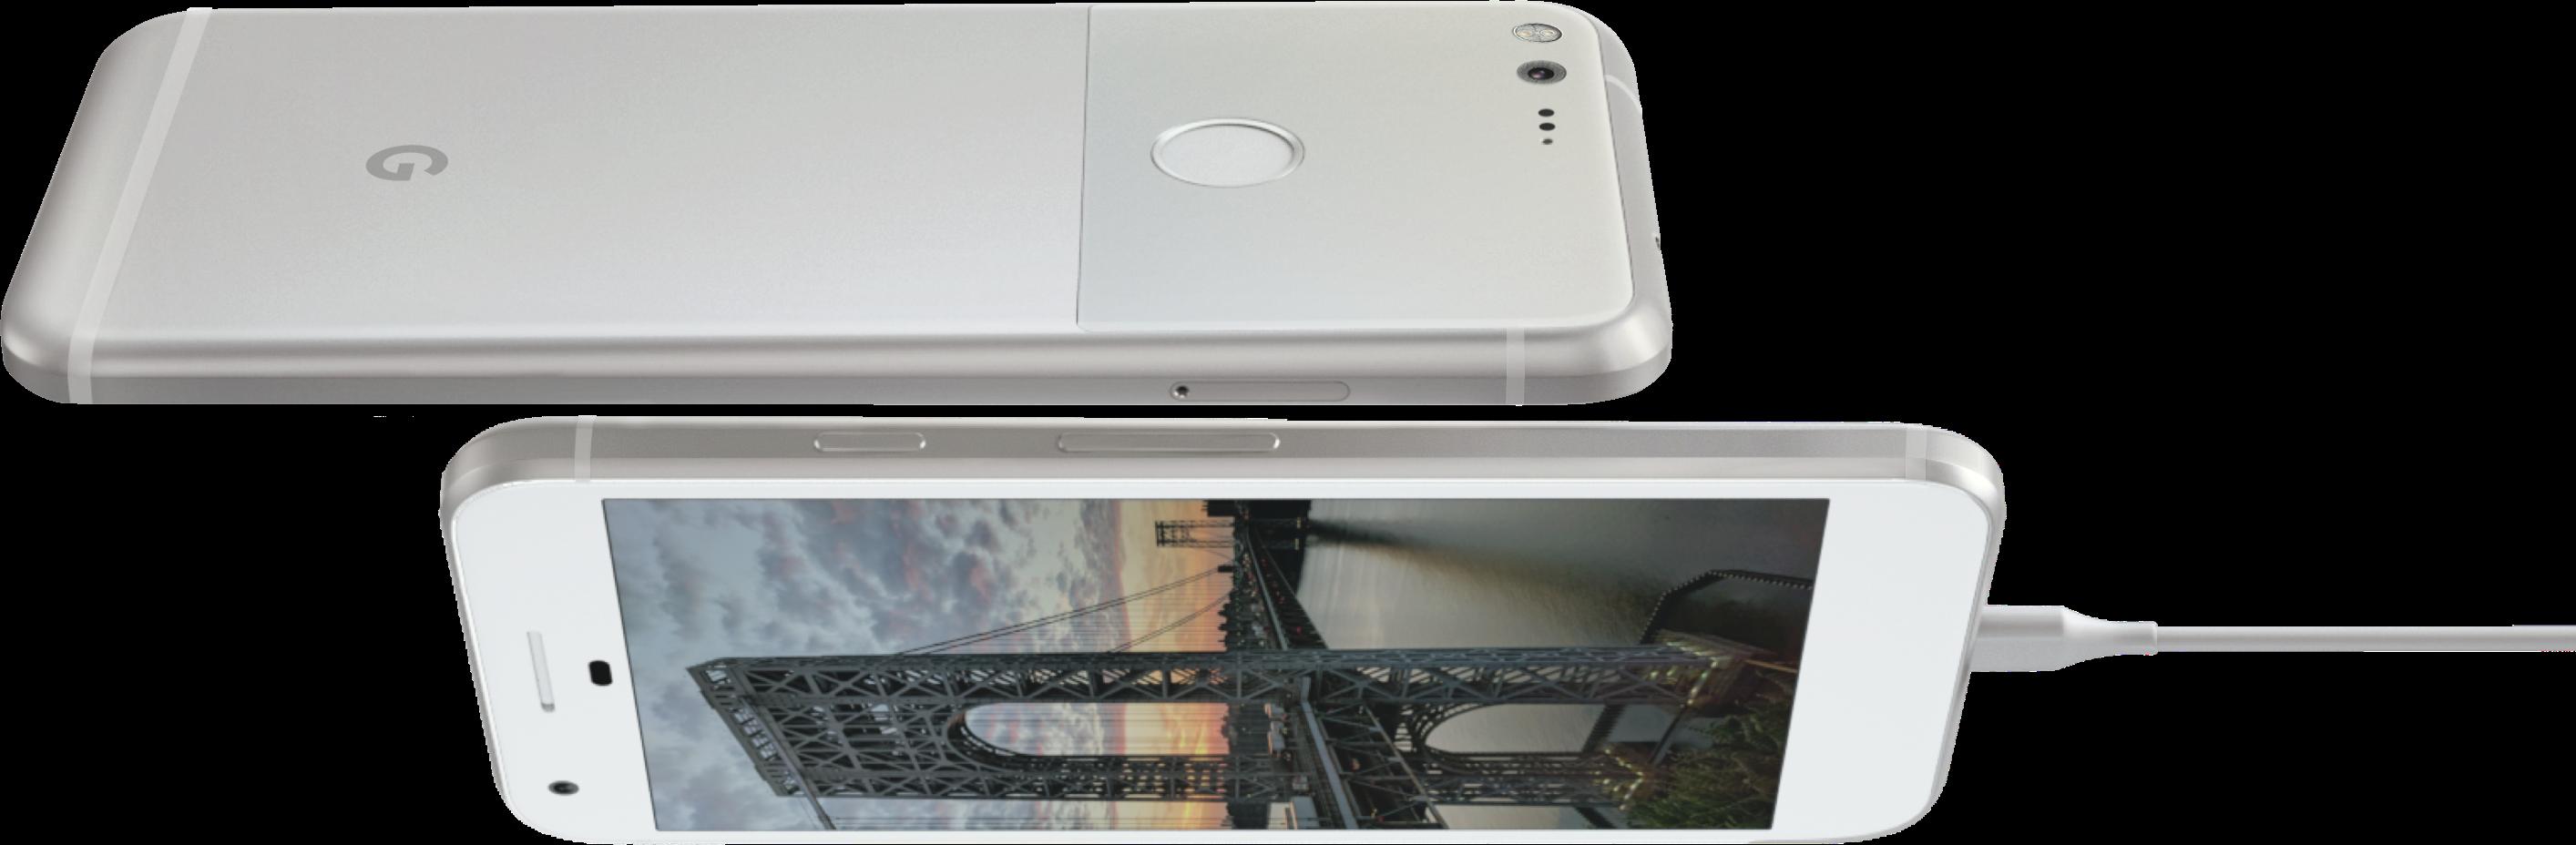 """Google presenta Pixel e Pixel XL, gli smartphone Android che segnano una """"nuova era per Google"""""""